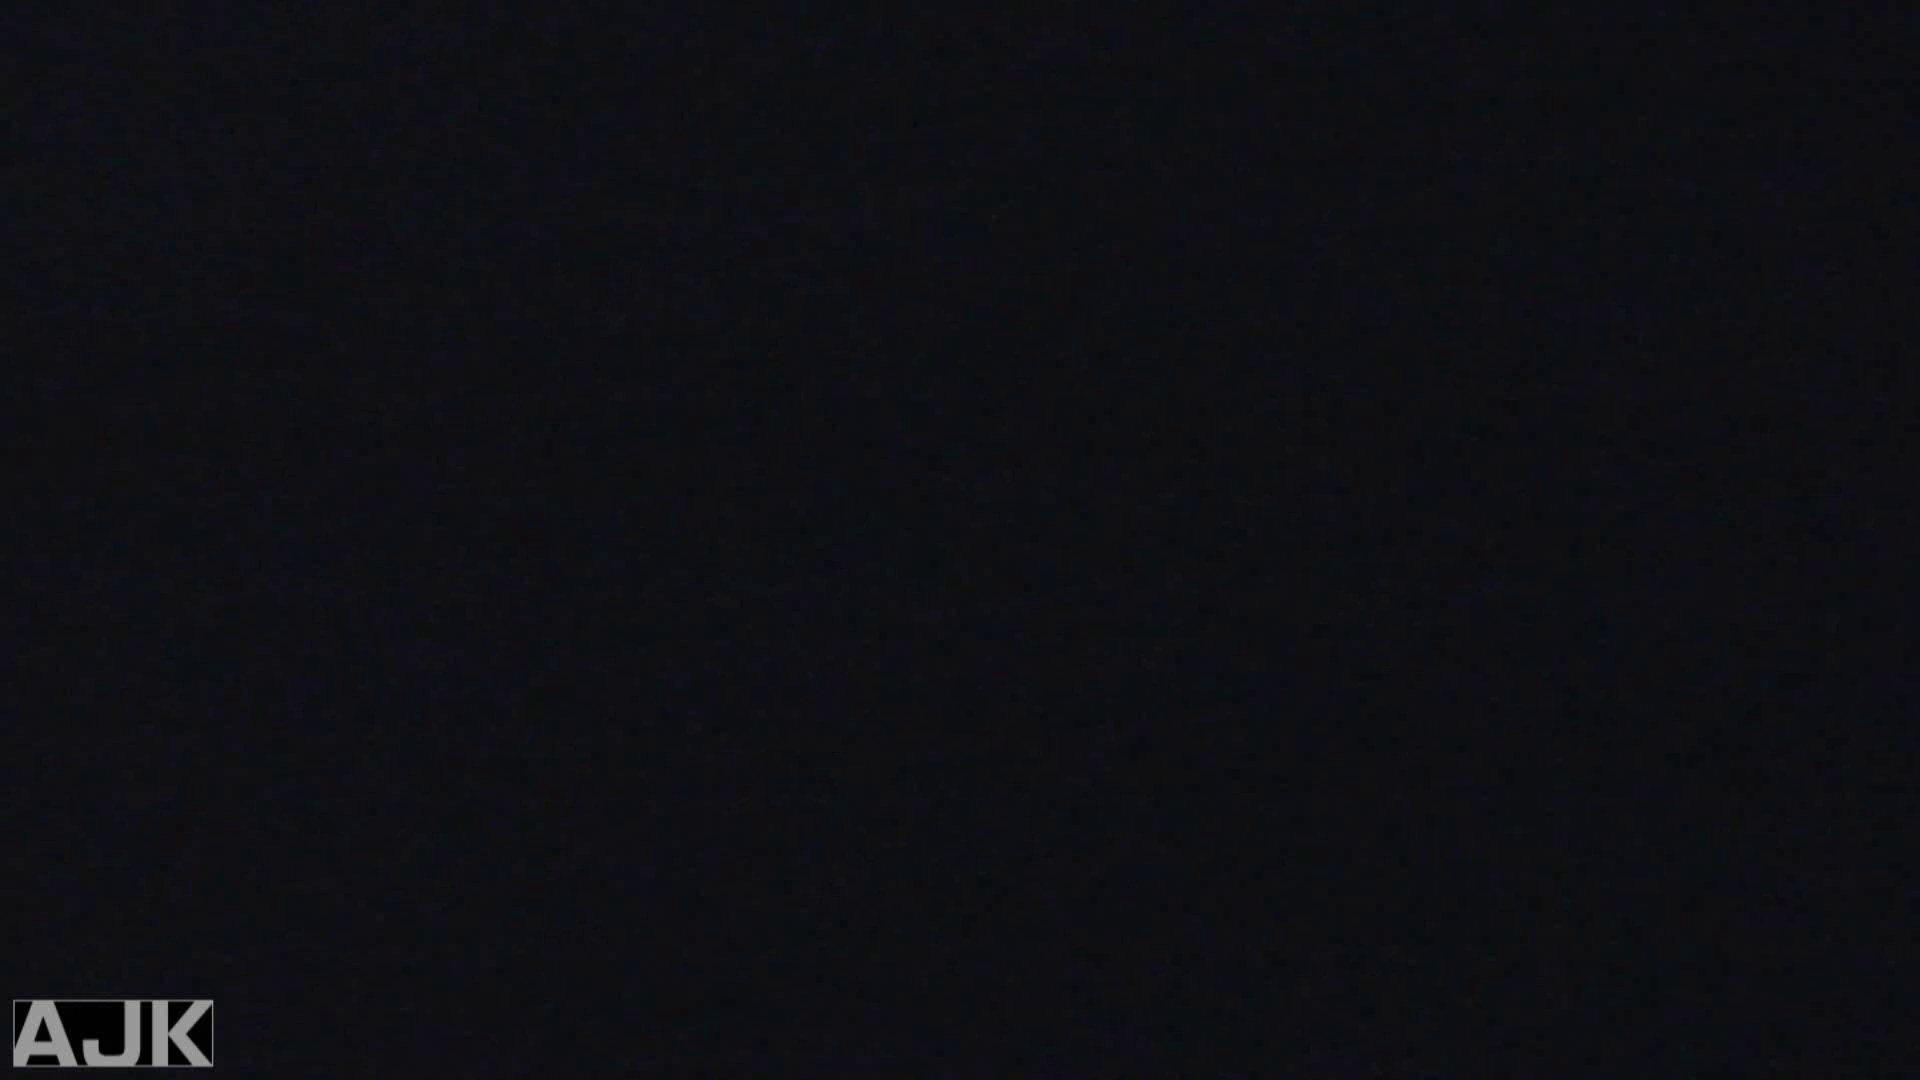 神降臨!史上最強の潜入かわや! vol.24 肛門から・・ ヌード画像 86枚